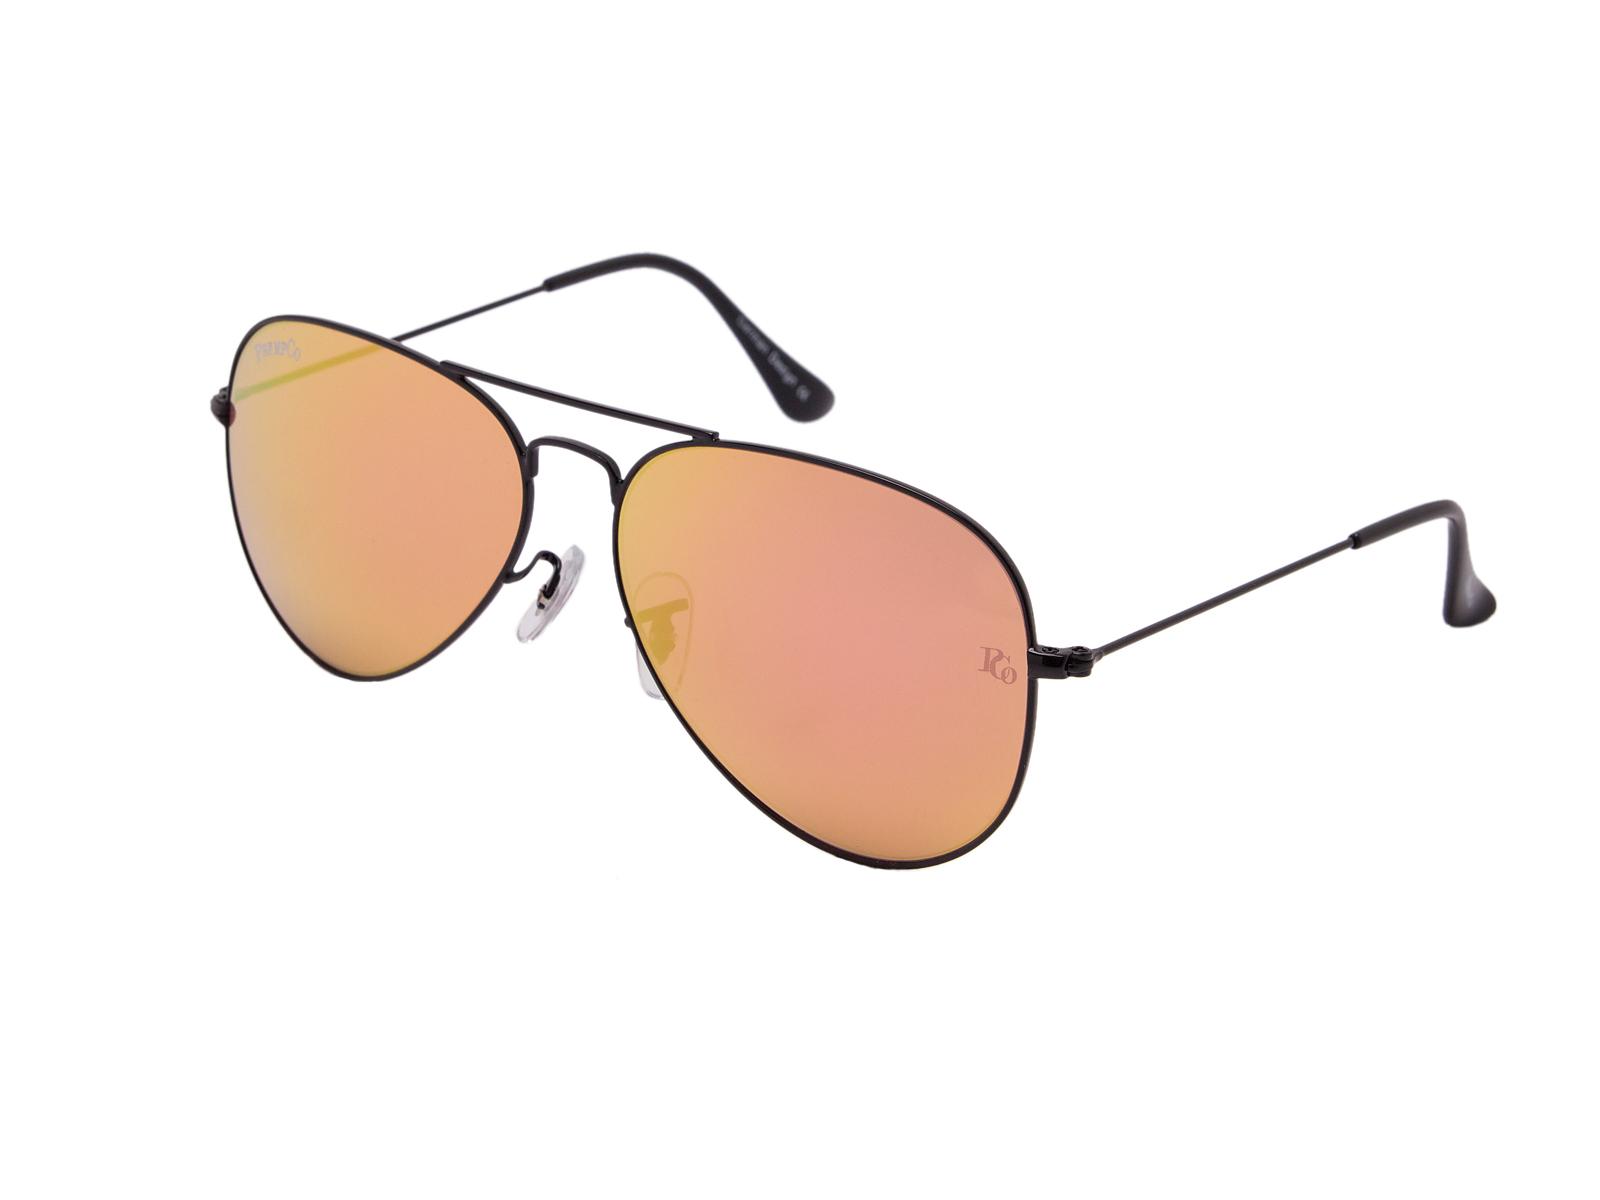 prempco aviator Damen sonnenbrille silber mirror silber gestell (9)